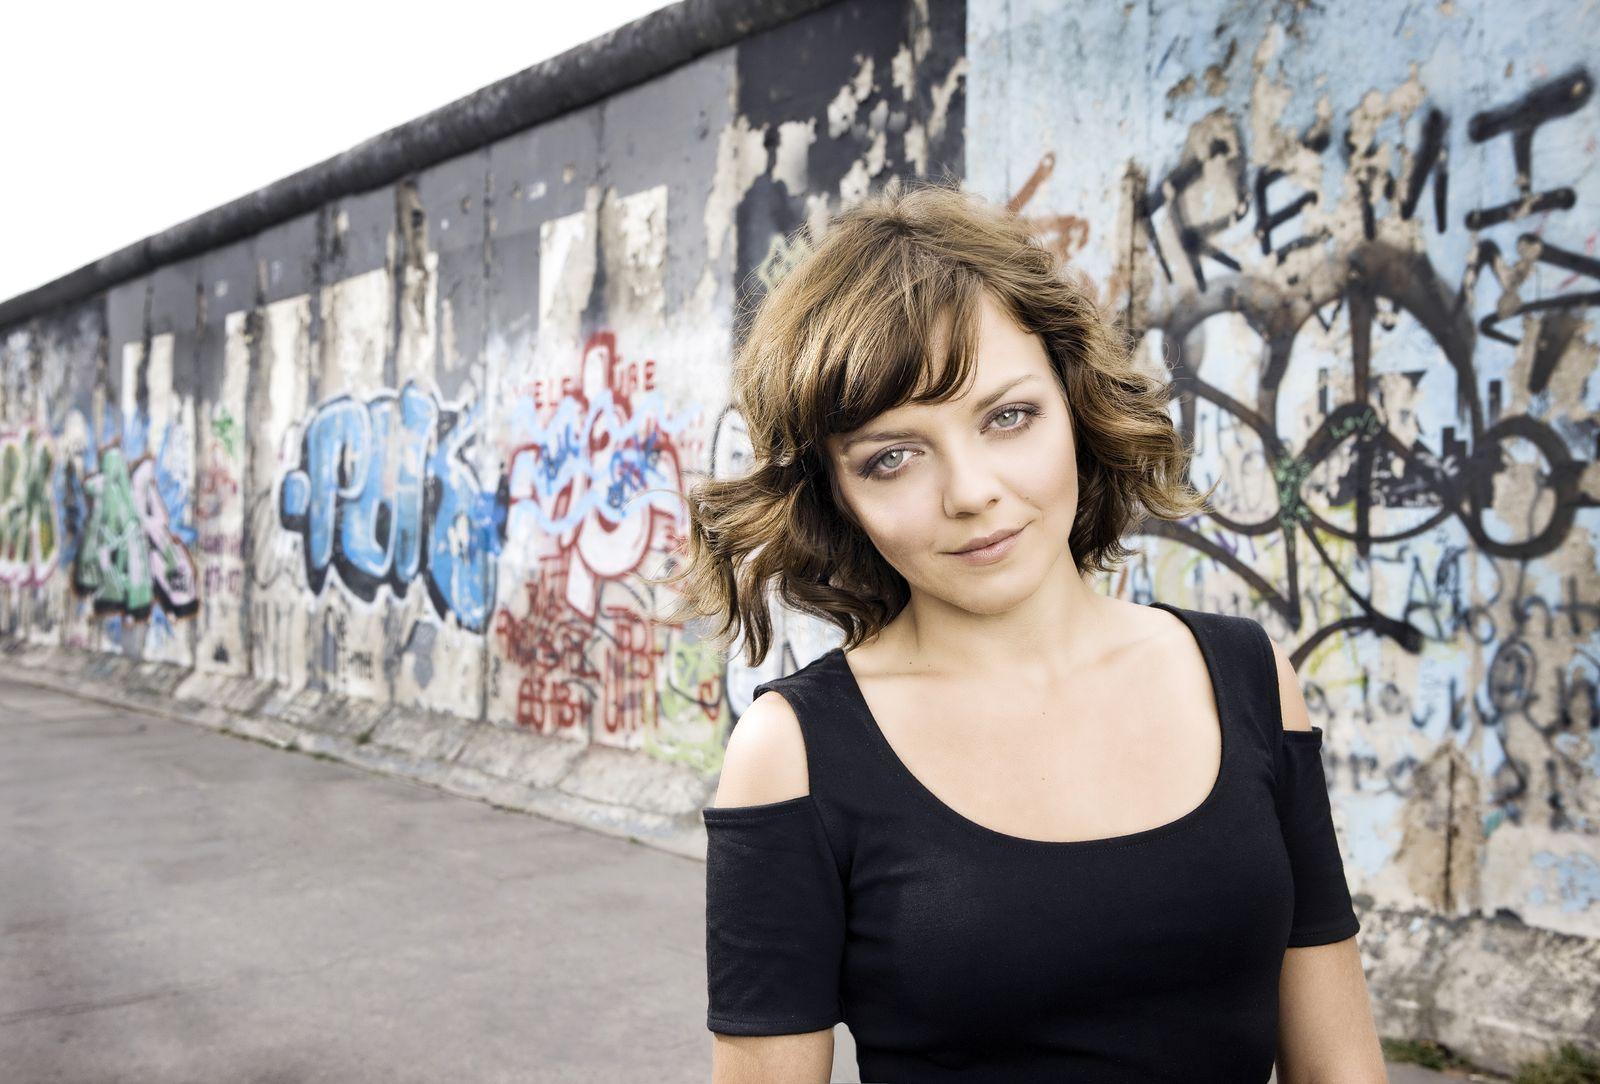 EINMALIGE VERWENDUNG Frau Annett Louisan, Musikerin - Portraits f¿r den KINDER SPIEGE